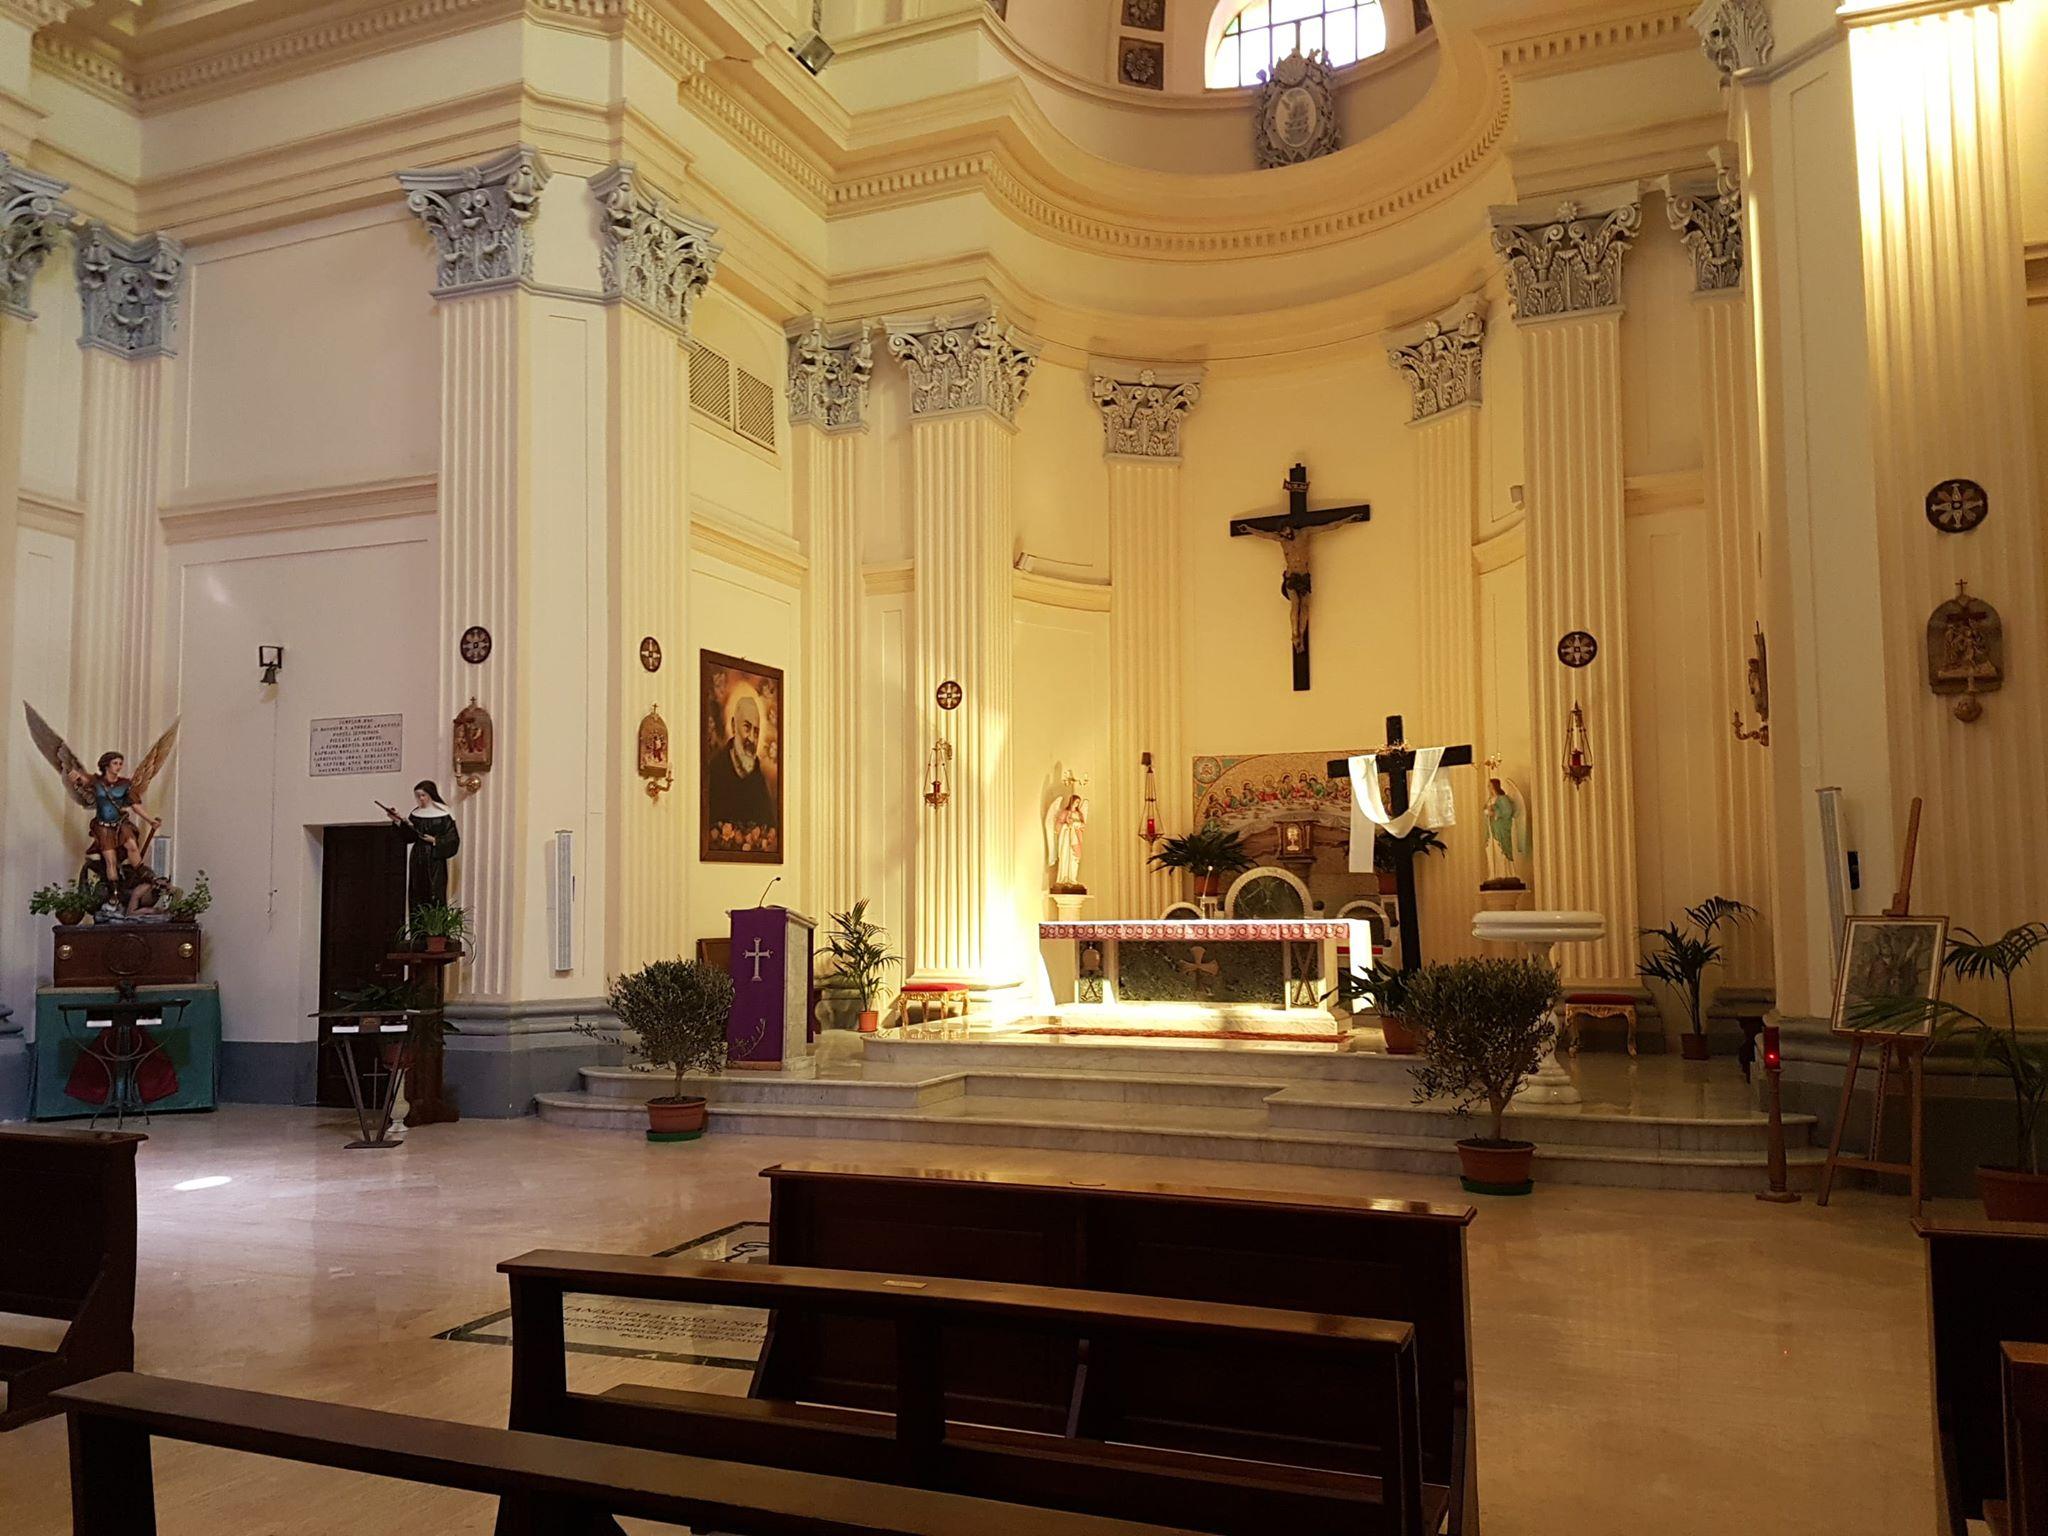 Interno chiesa s andrea 3 confinelive confinelive for Interno chiesa